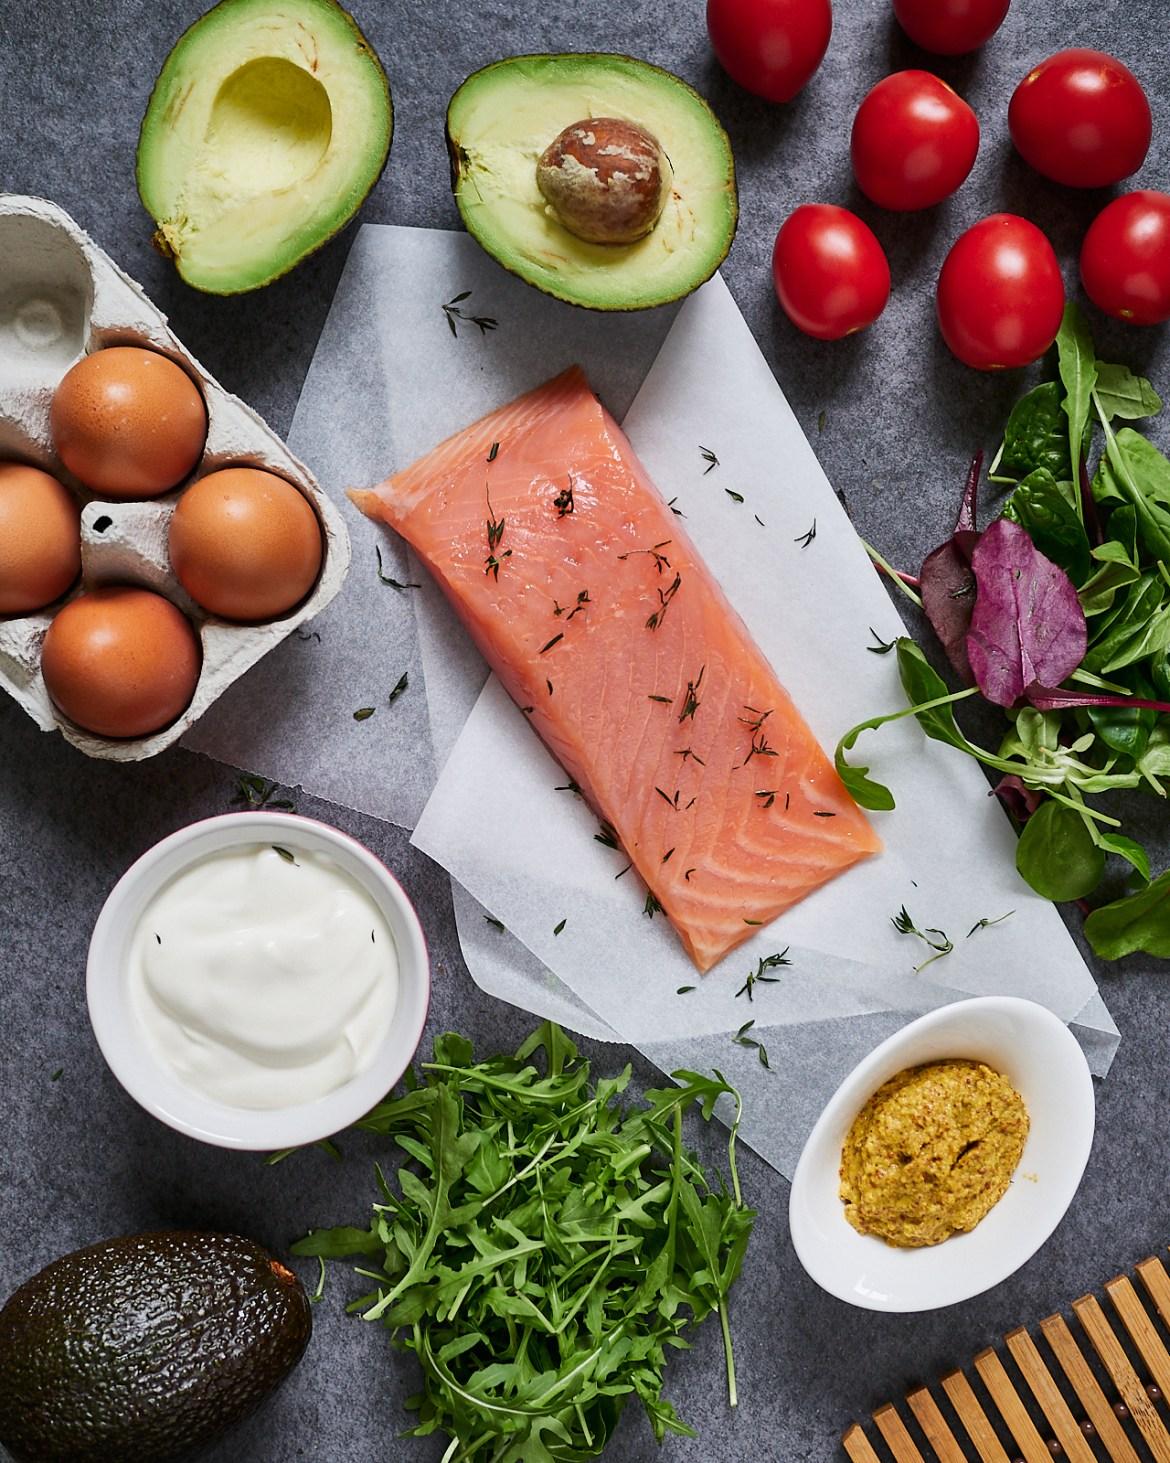 salmon, avocado, eggs